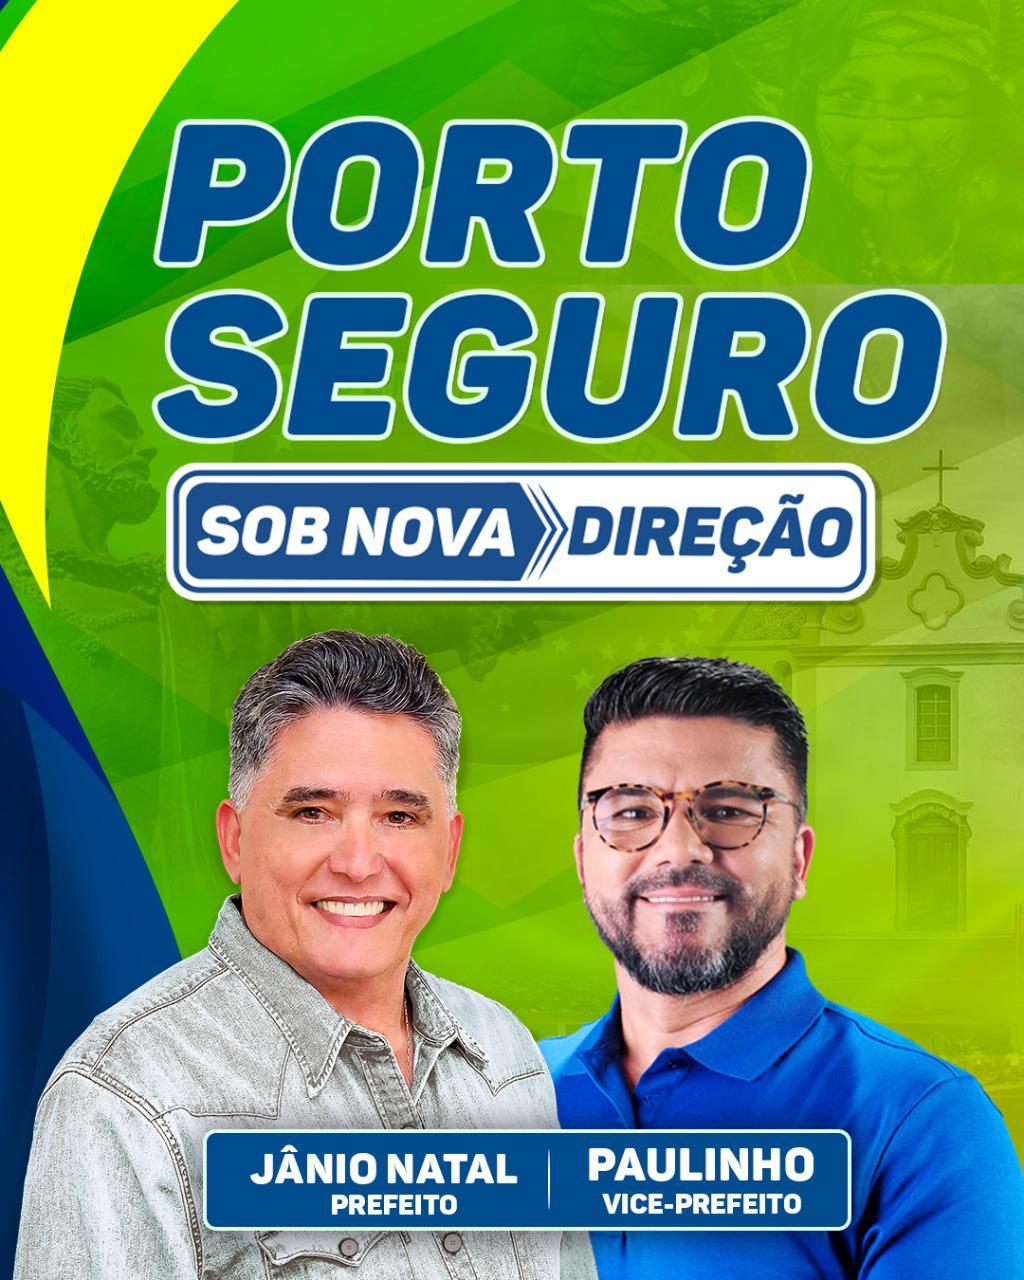 Prefeito determina novos procedimentos e suspende, por 90 dias, alvarás, licenças ambientais e permissões liberadas em 2020, em Porto Seguro 24